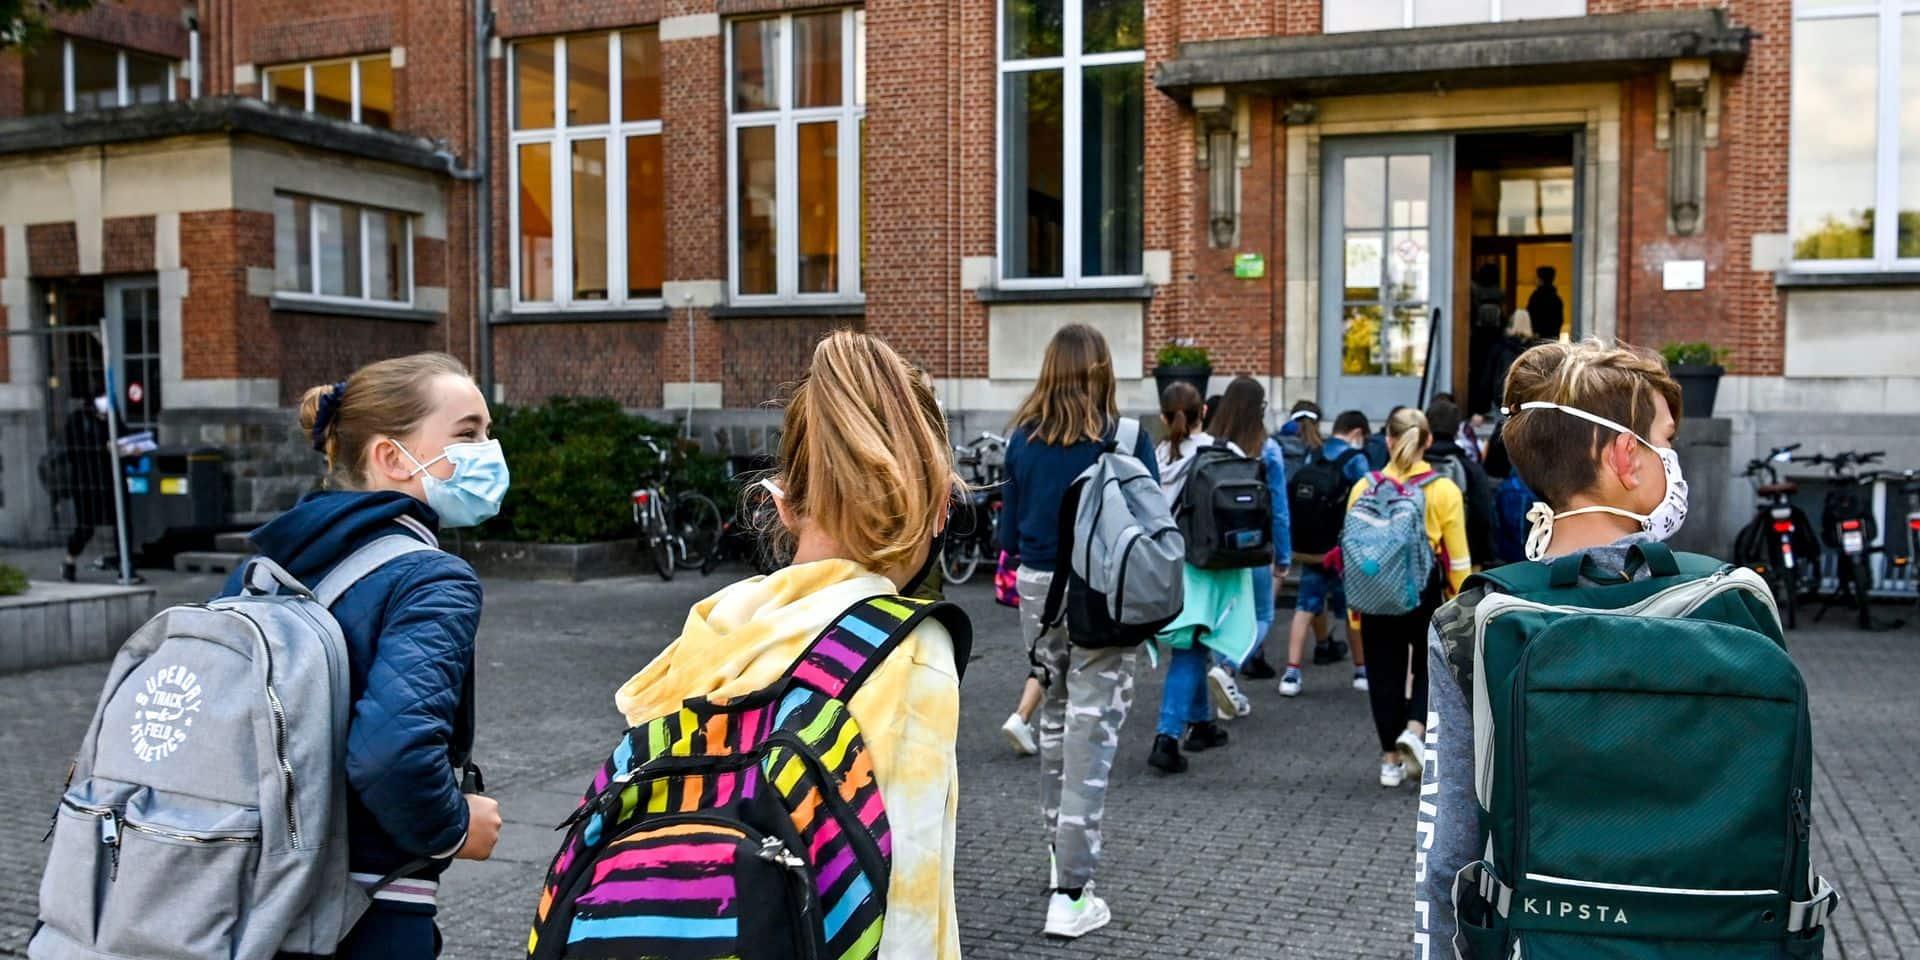 Une semaine à distance pour les élèves du secondaire en Flandre avant les vacances